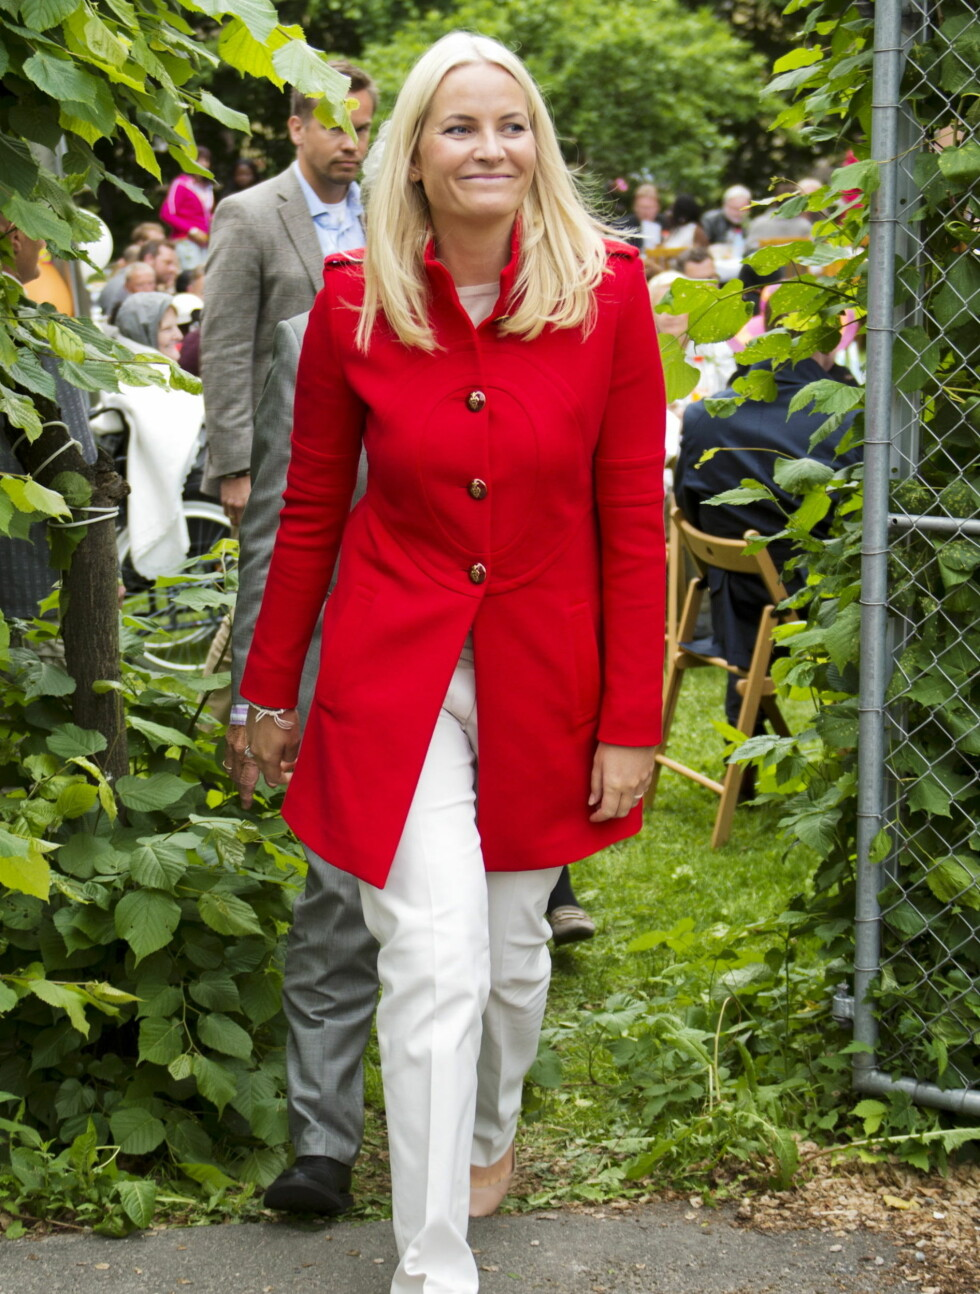 LANGT NEDE: Kronprinsesse Mette-Marit kom på 8. plass - og slo bare Märtha i kåringen. Foto: NTB scanpix